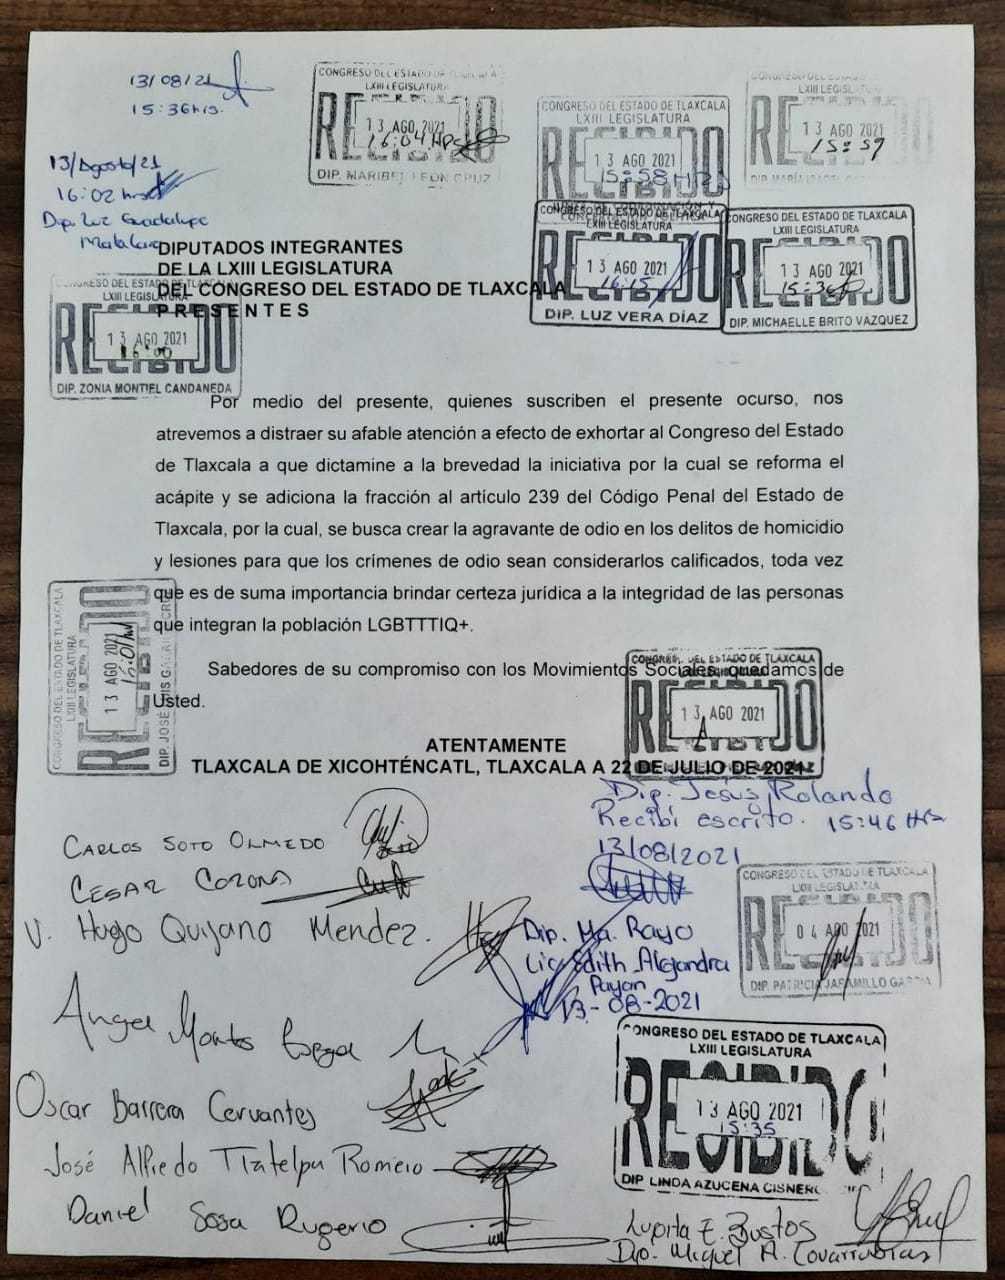 Activistas piden al Congreso tipificar crímenes de odio en Tlaxcala